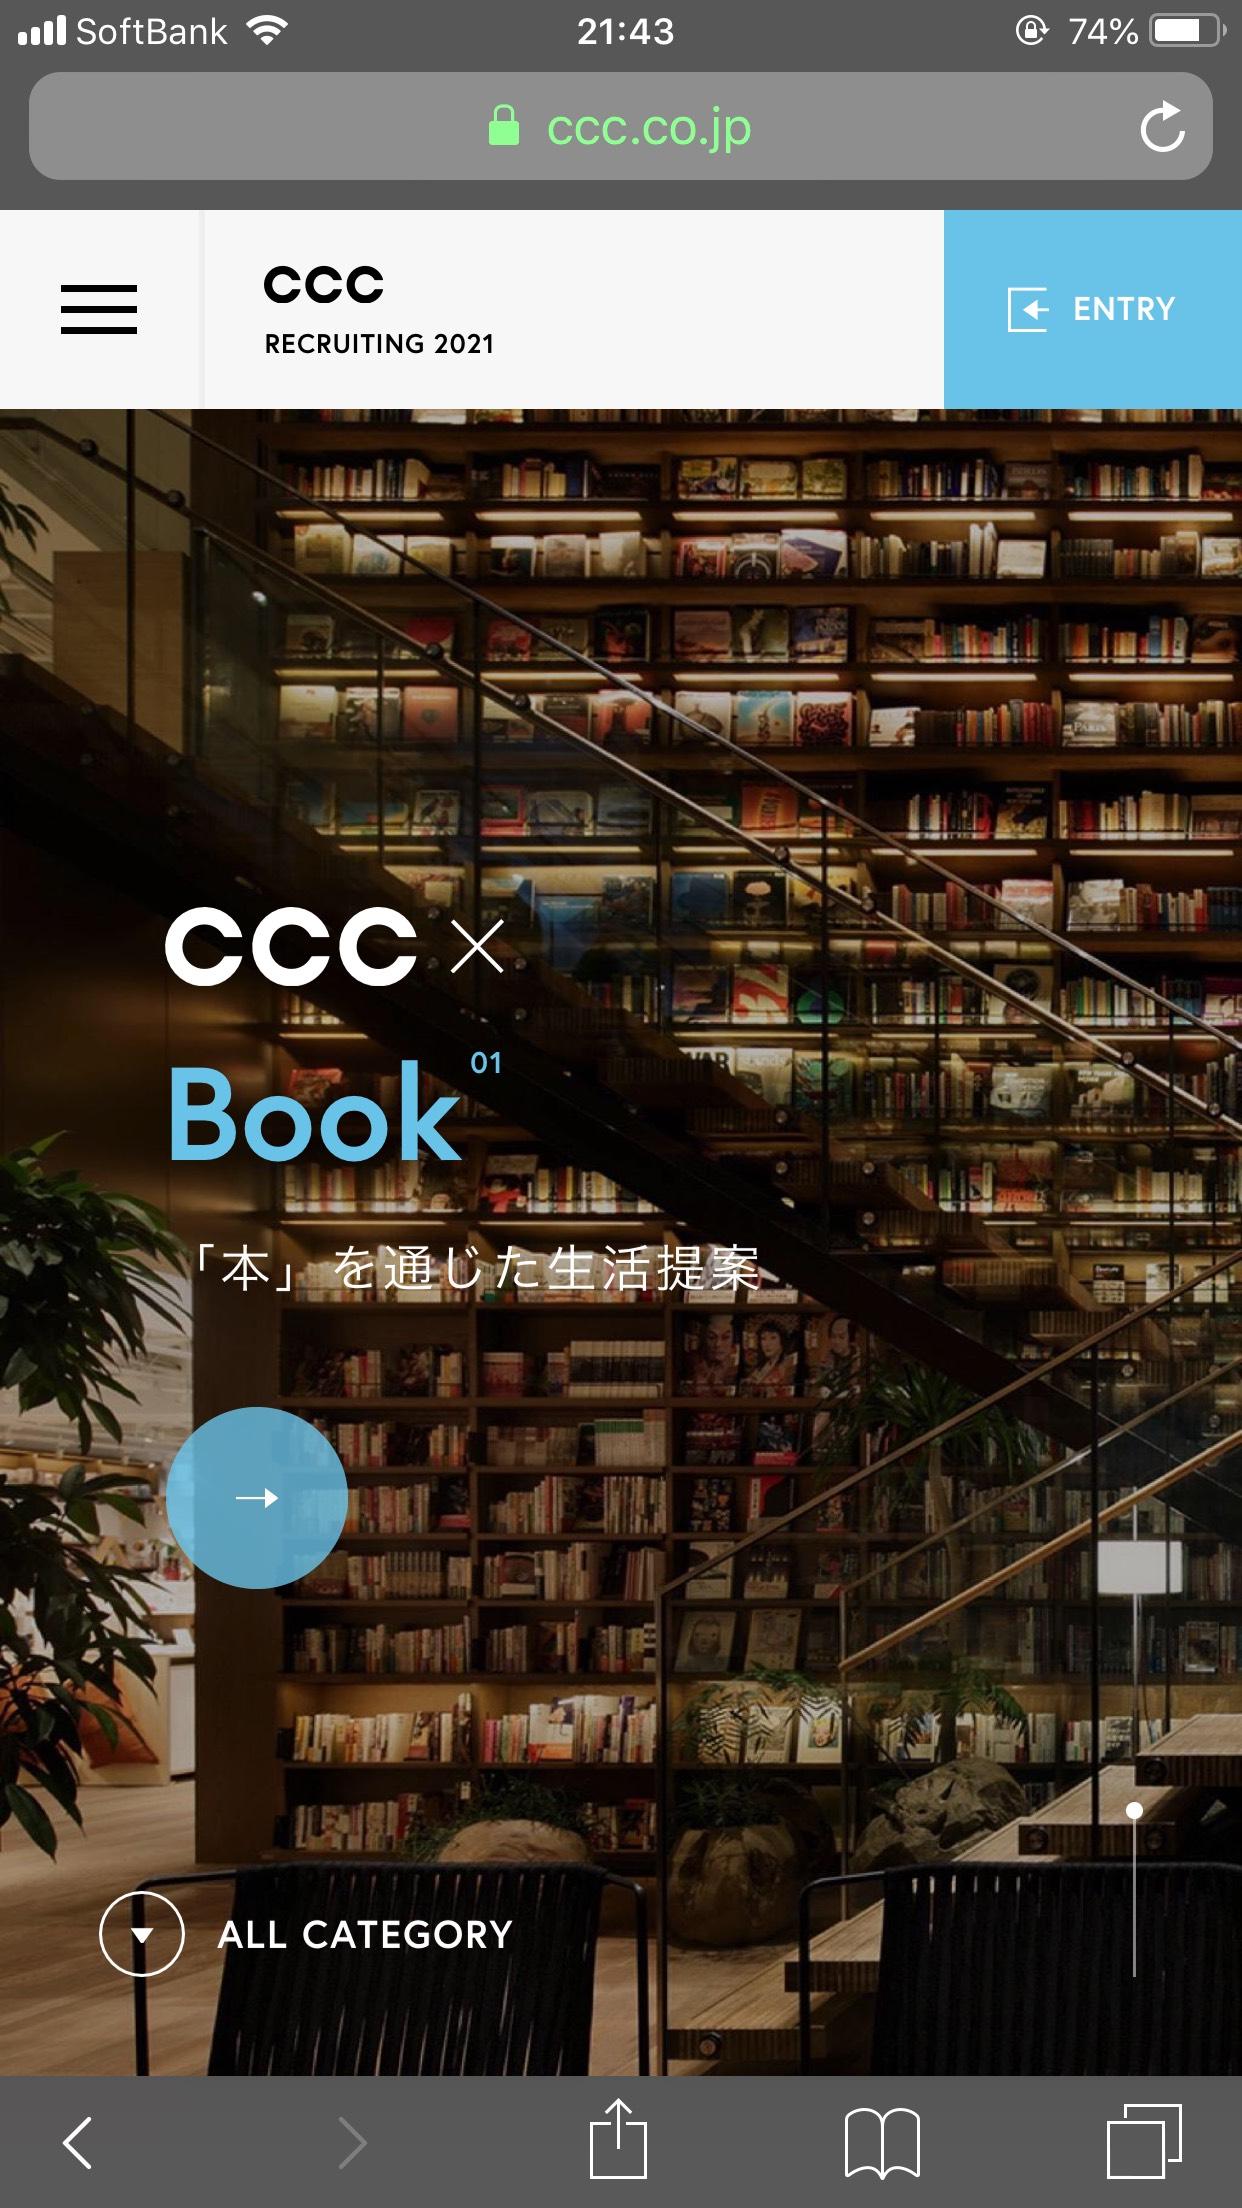 新卒採用 | カルチュア・コンビニエンス・クラブ株式会社 CCC